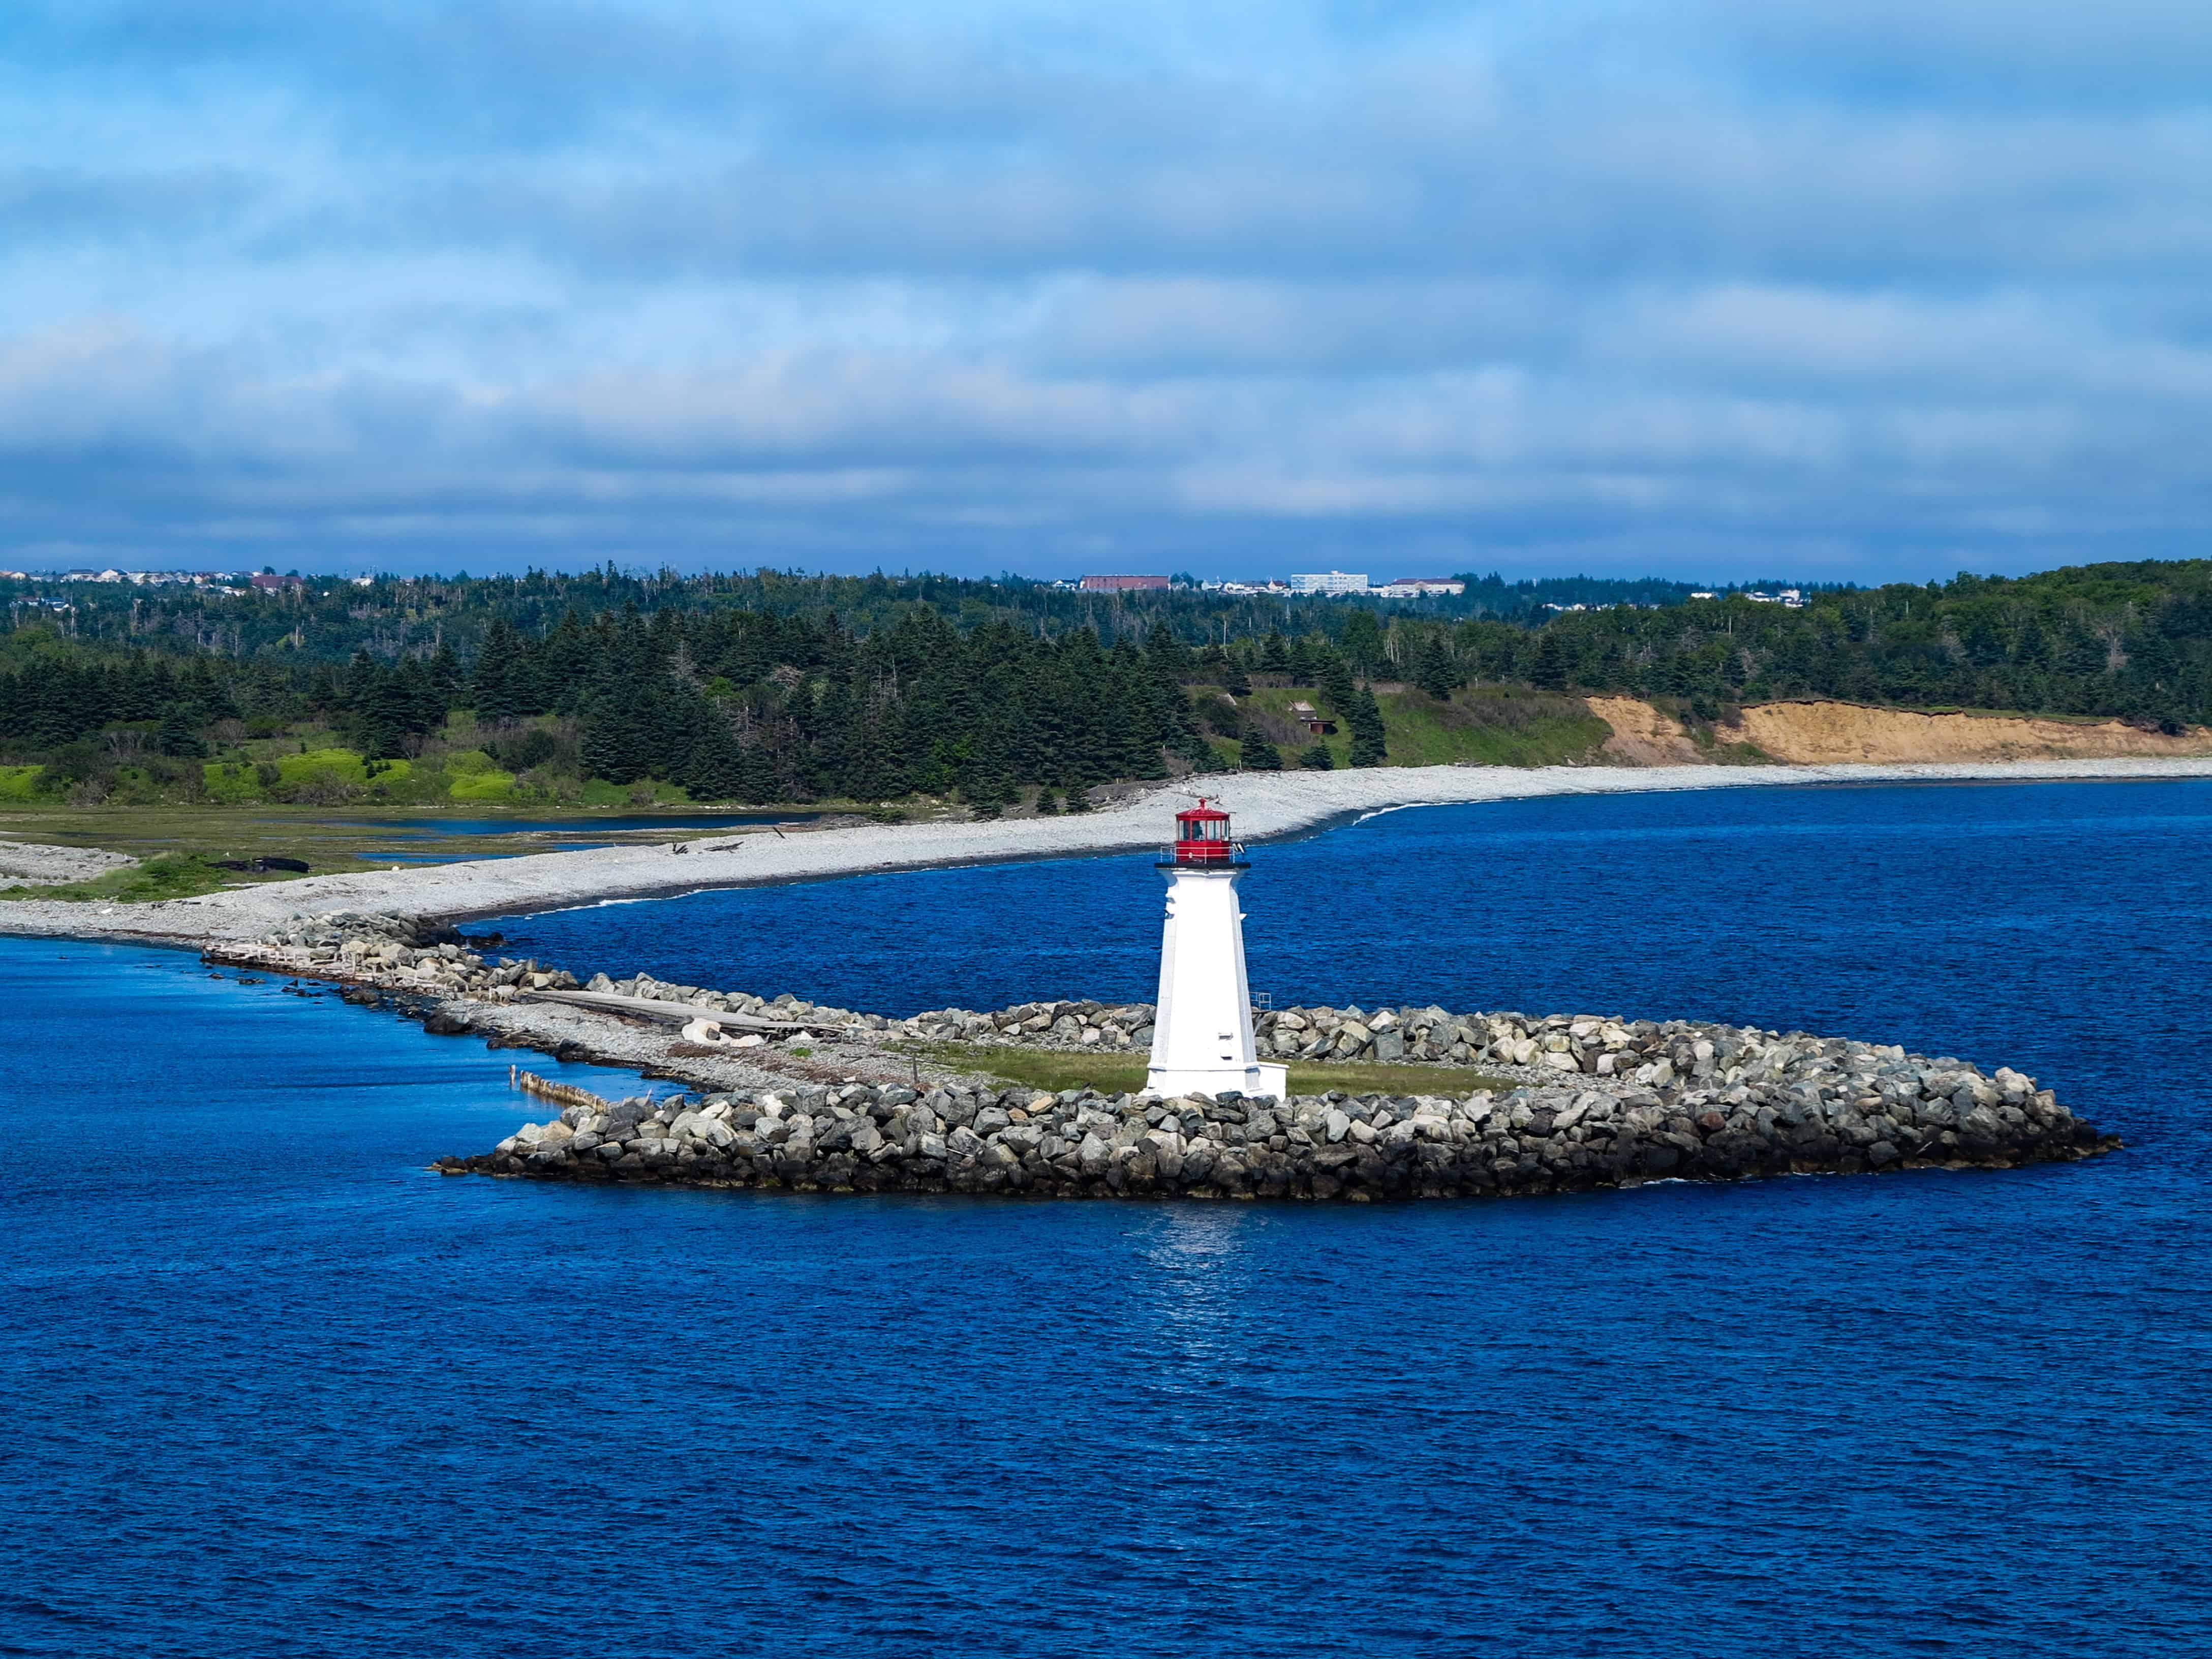 Rundreise Rundreise Nova Scotia: Empfehlungen & Vergleich (01/20)